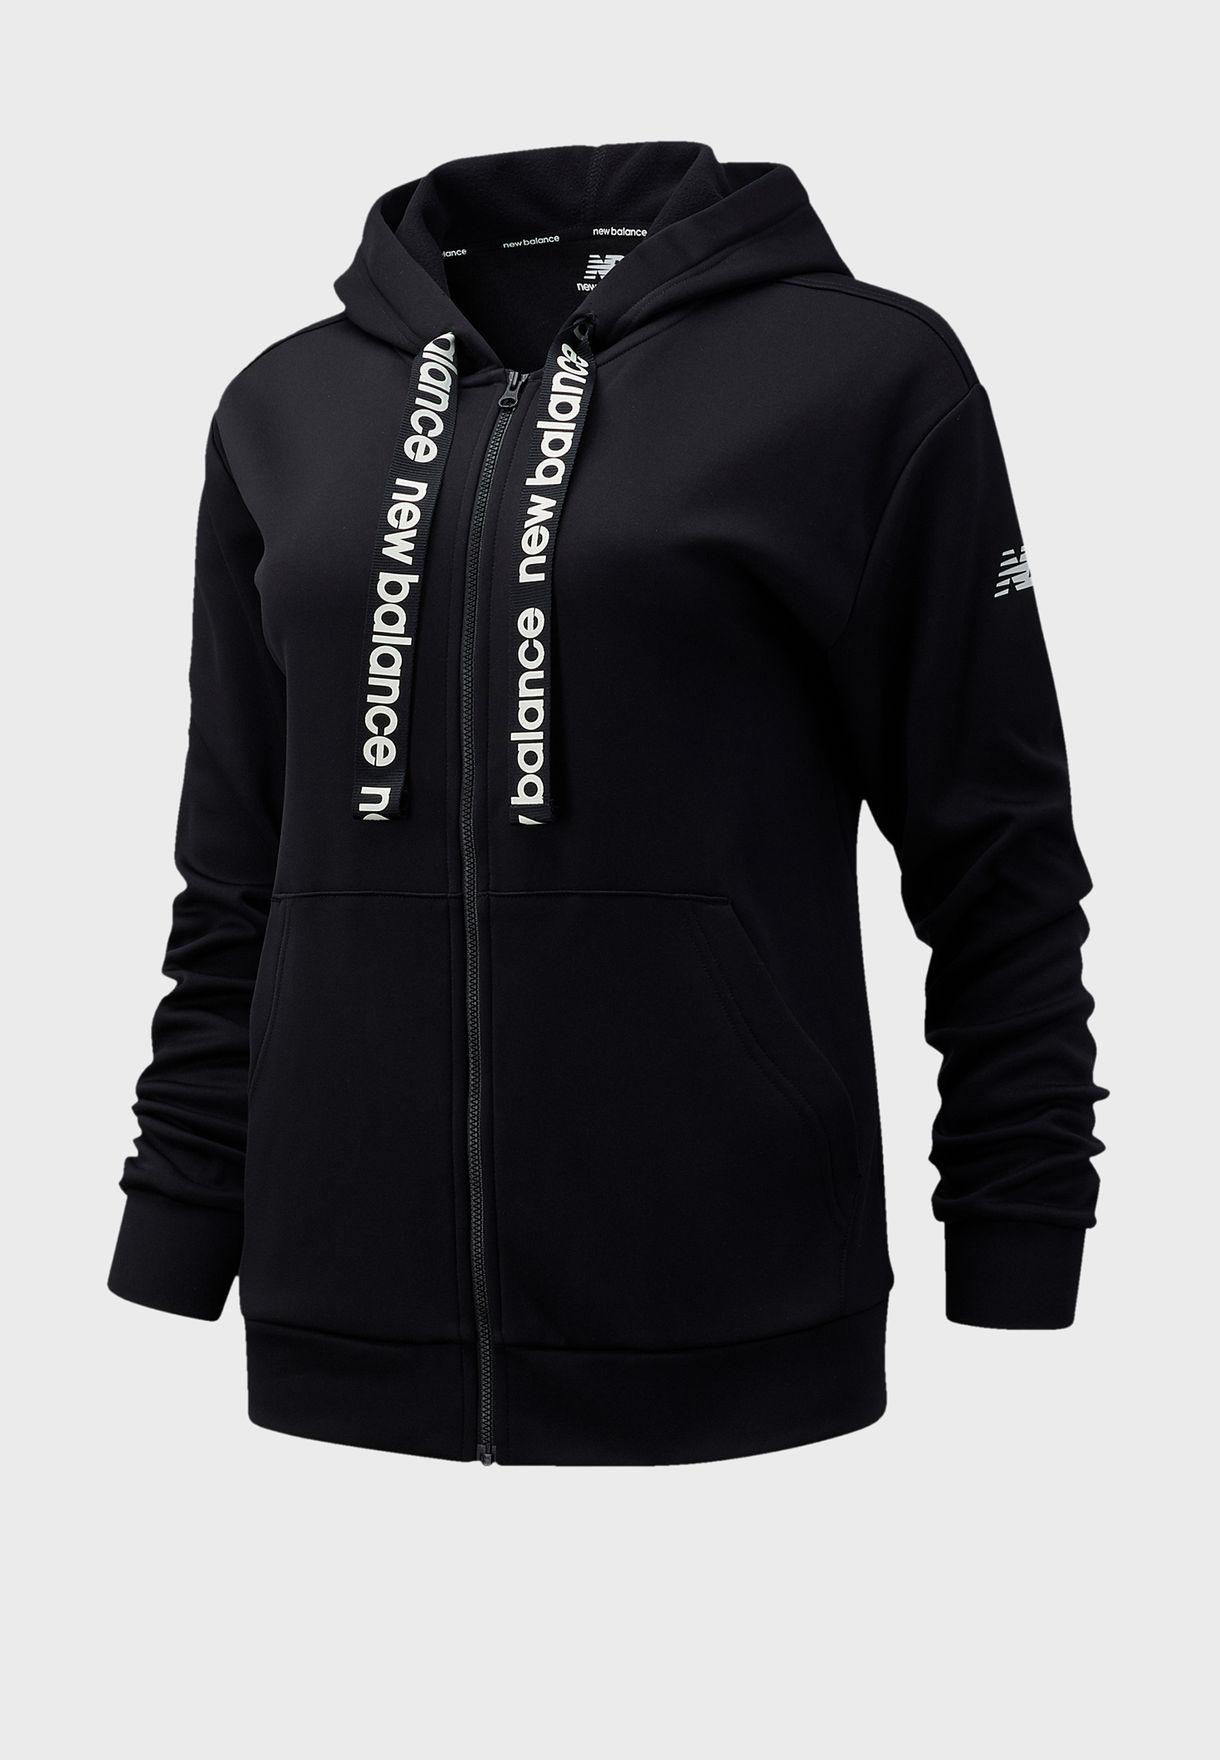 Relentless Performance Fleece Track Jacket